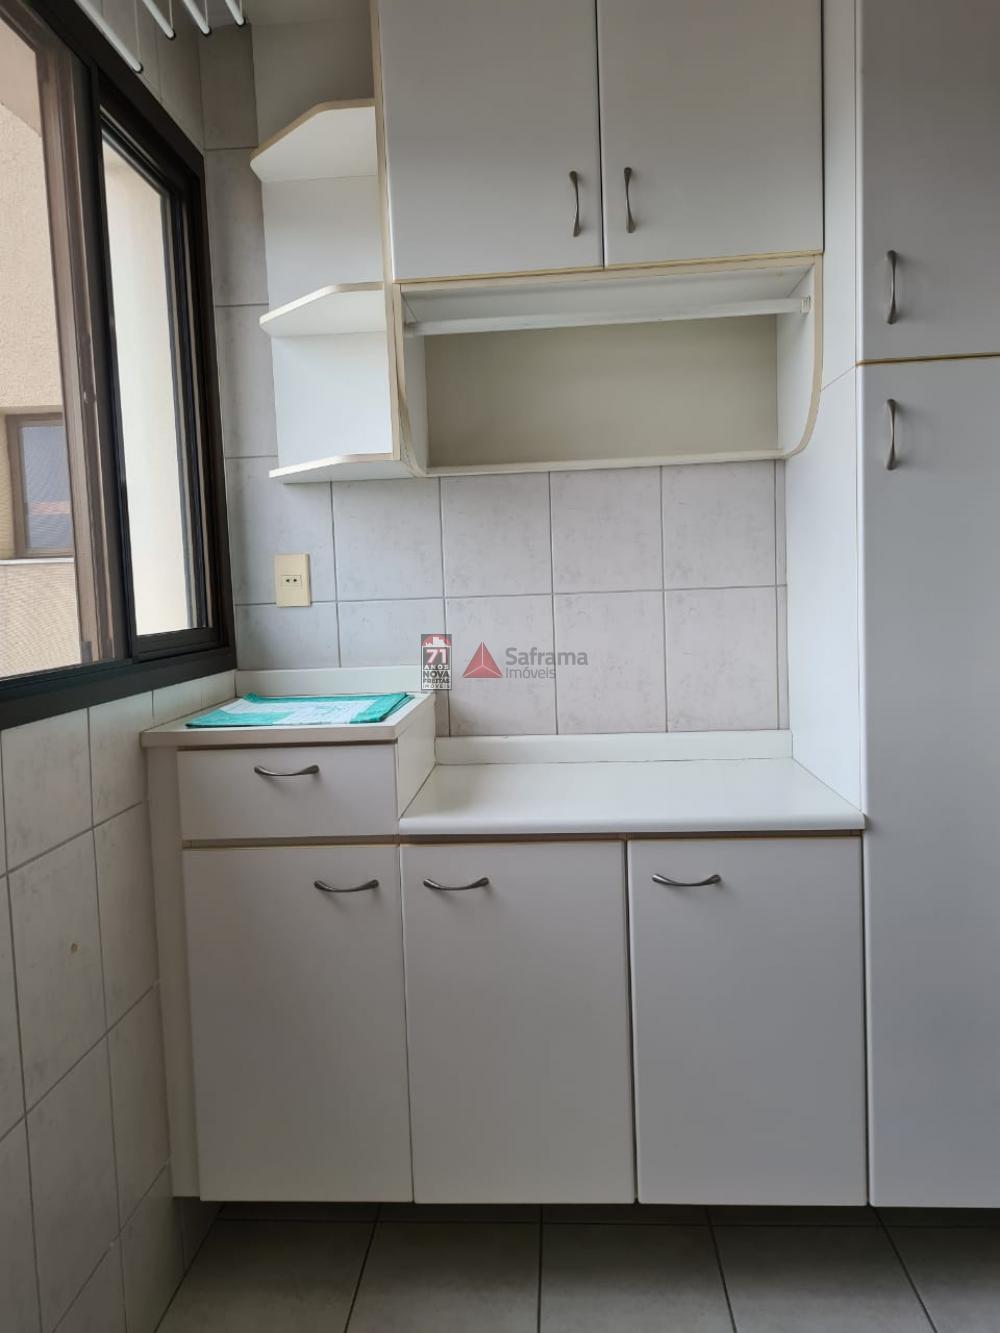 Comprar Apartamento / Padrão em Pindamonhangaba apenas R$ 430.000,00 - Foto 8